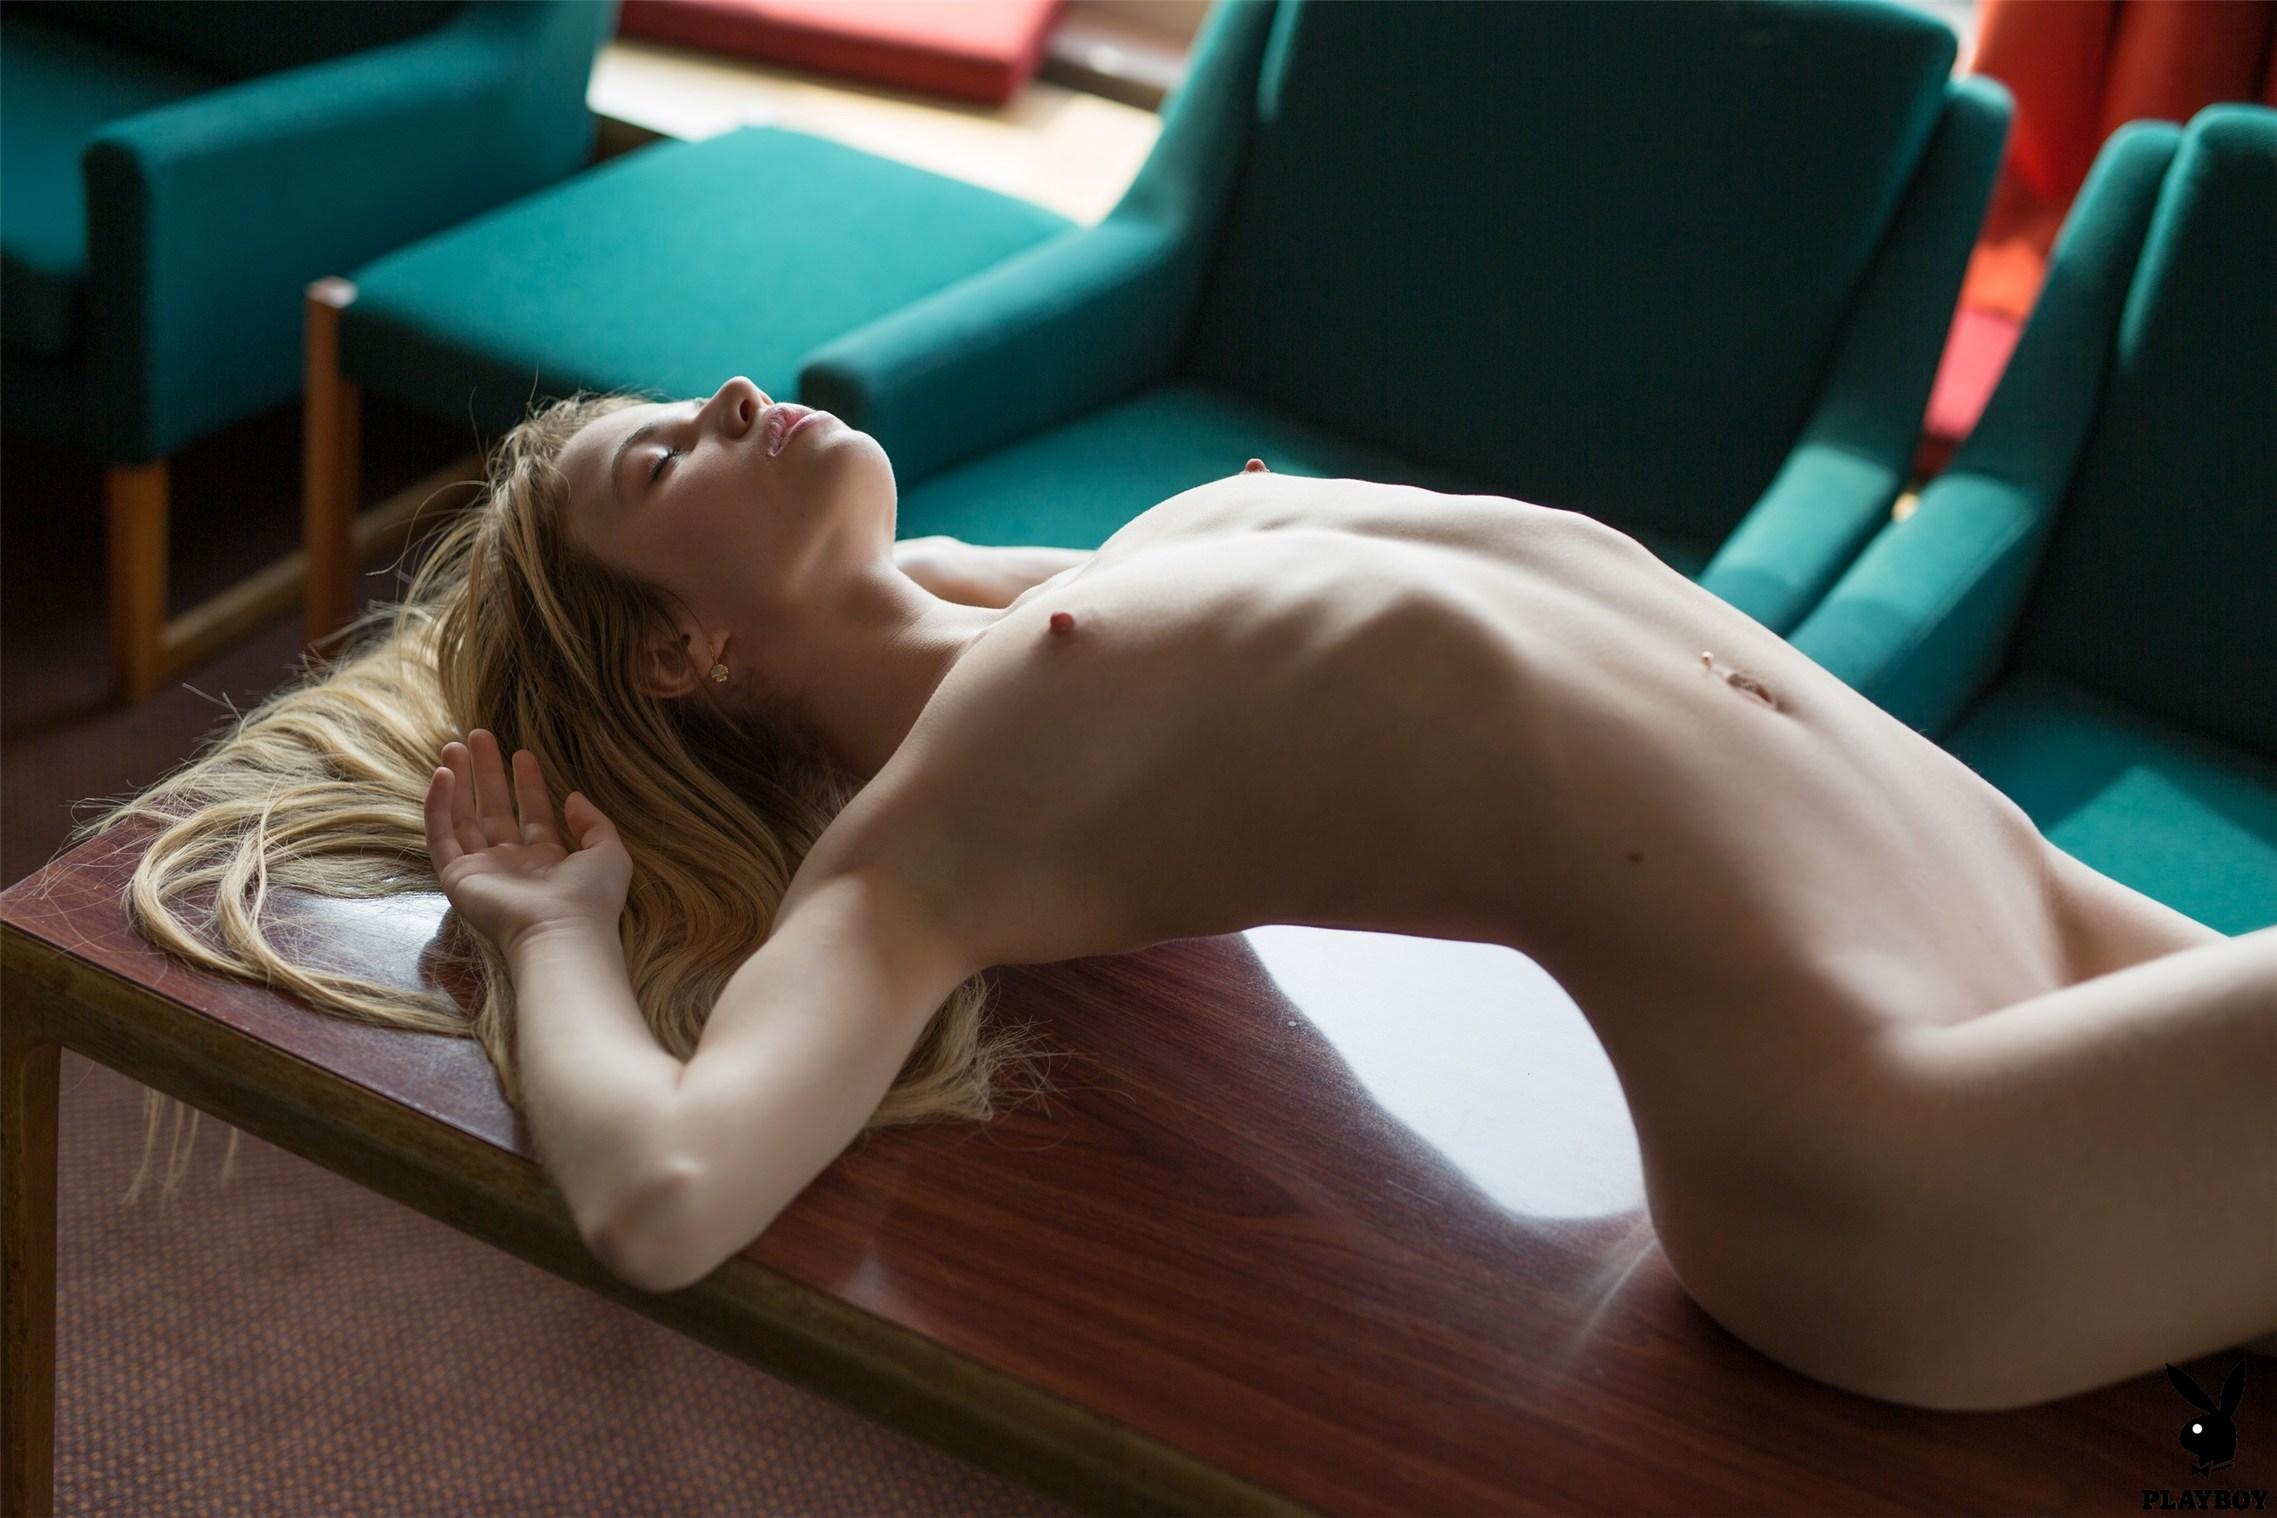 Aleksandra Smelova nude by Henrik Pfeifer / Private Encounter - Playboy Plus